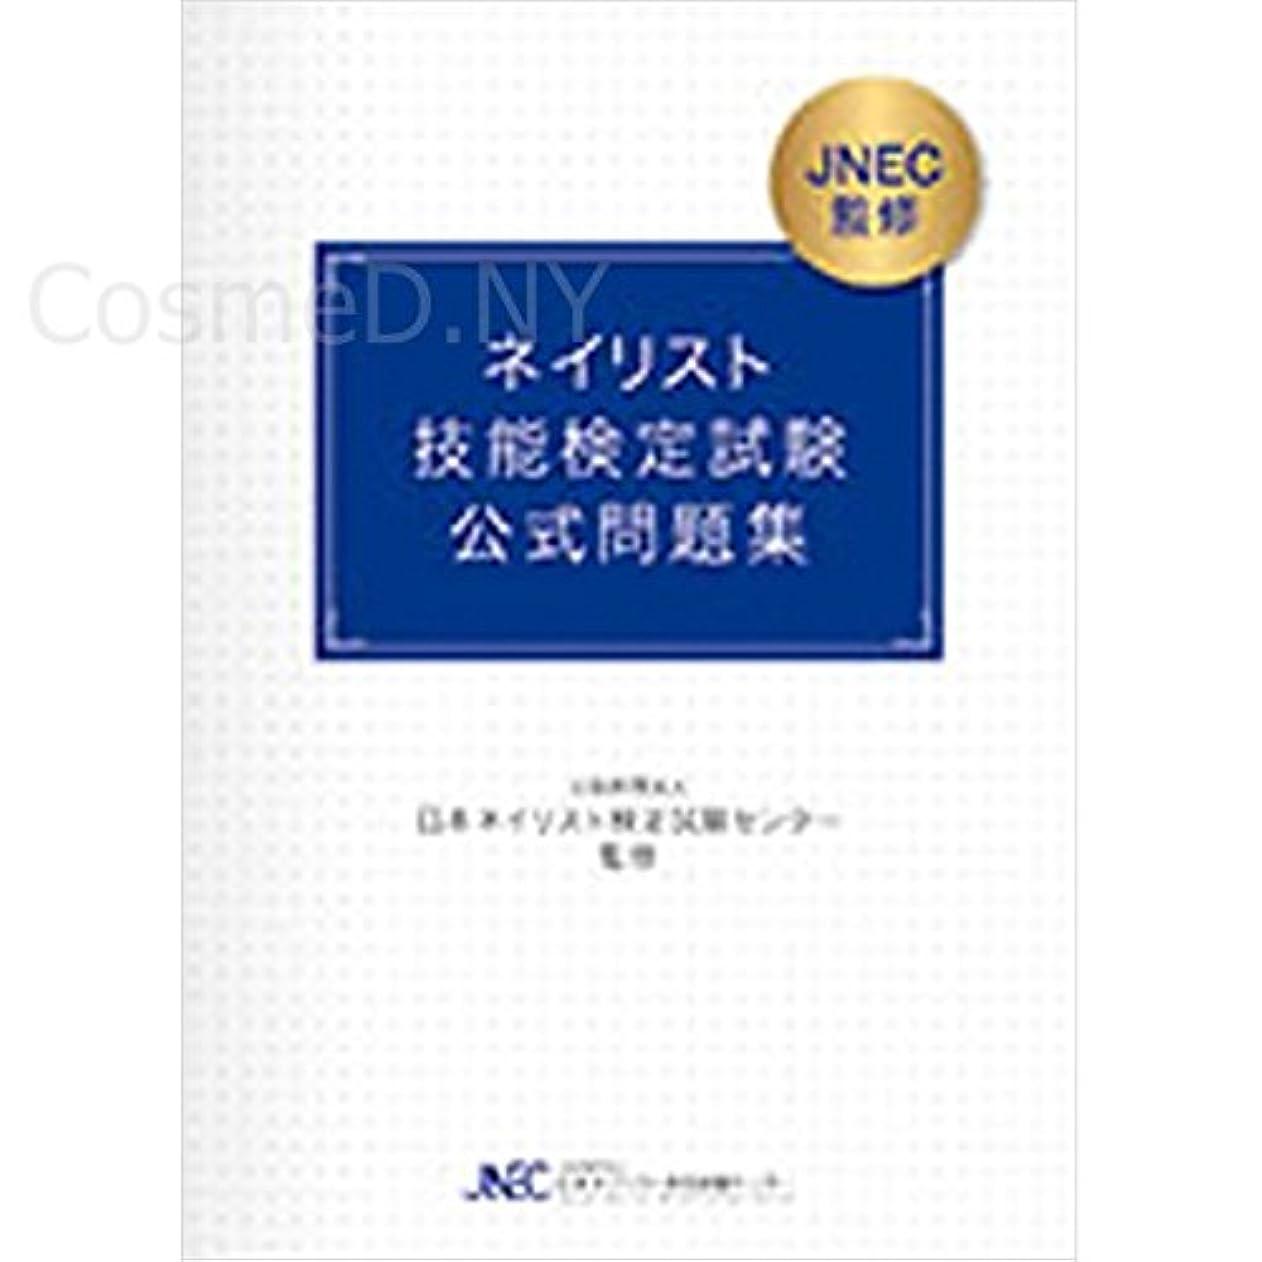 フィルタ別れるギャラリー書籍ネイリスト技能検定試験 公式問題集【BOOK、ネイリスト検定試験、ネイル検定に】